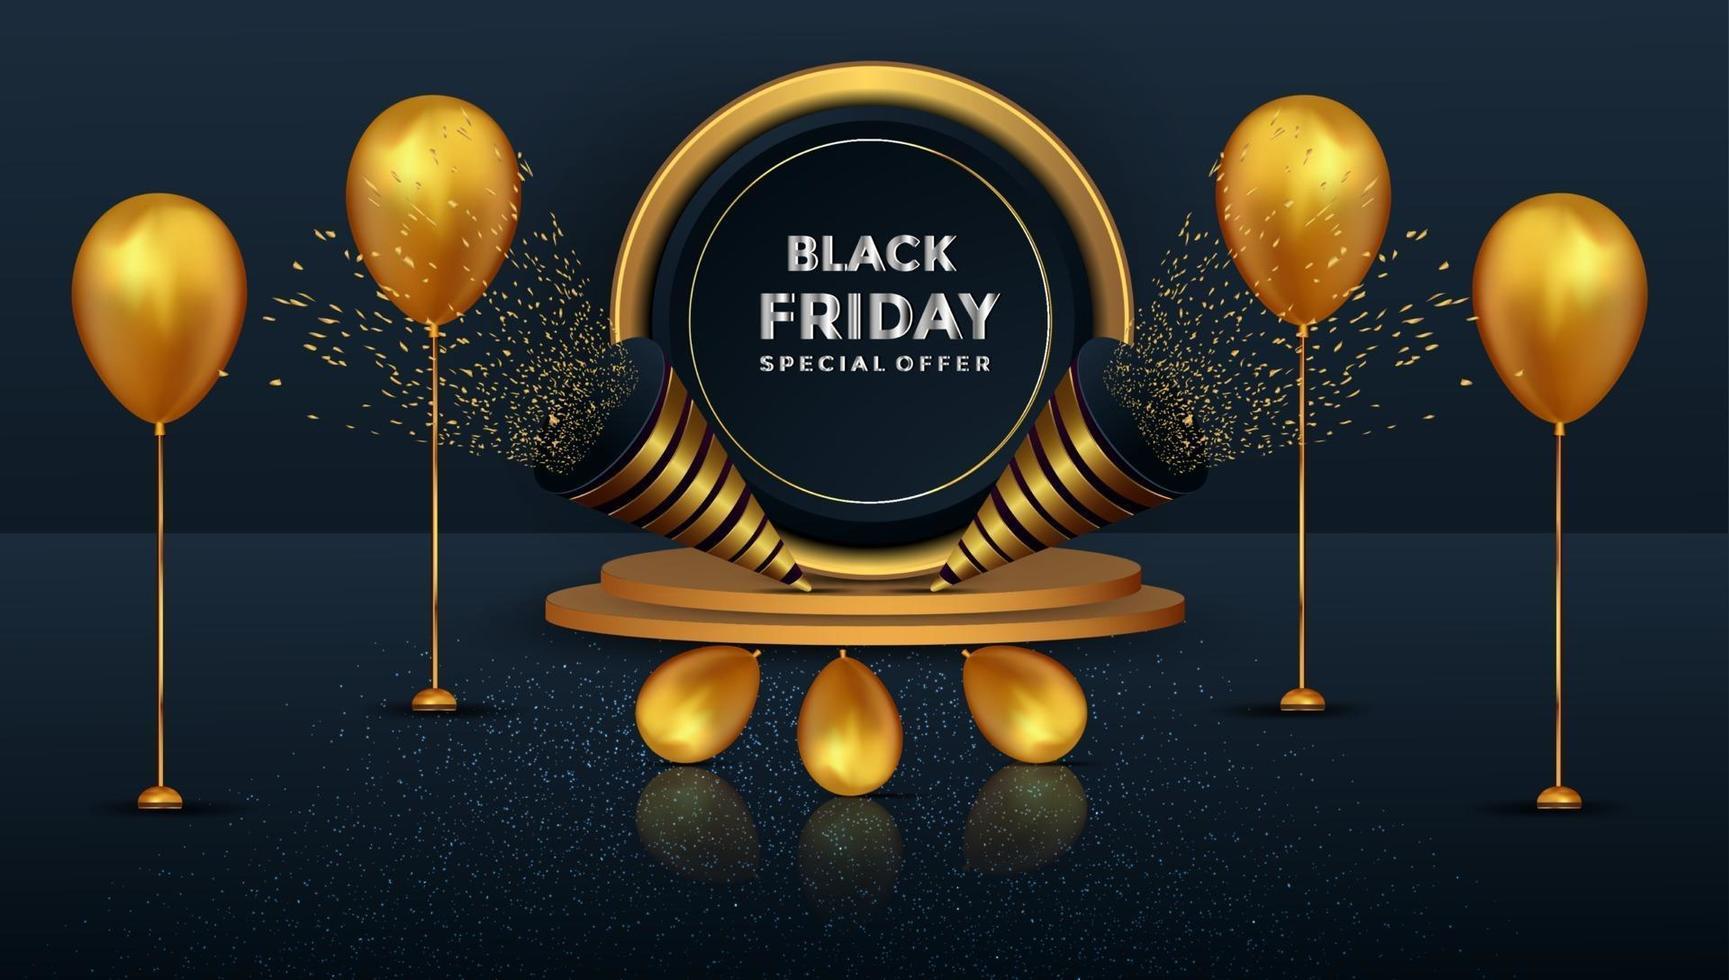 Oferta especial de viernes negro, podio dorado realista y diseño de globos. vector